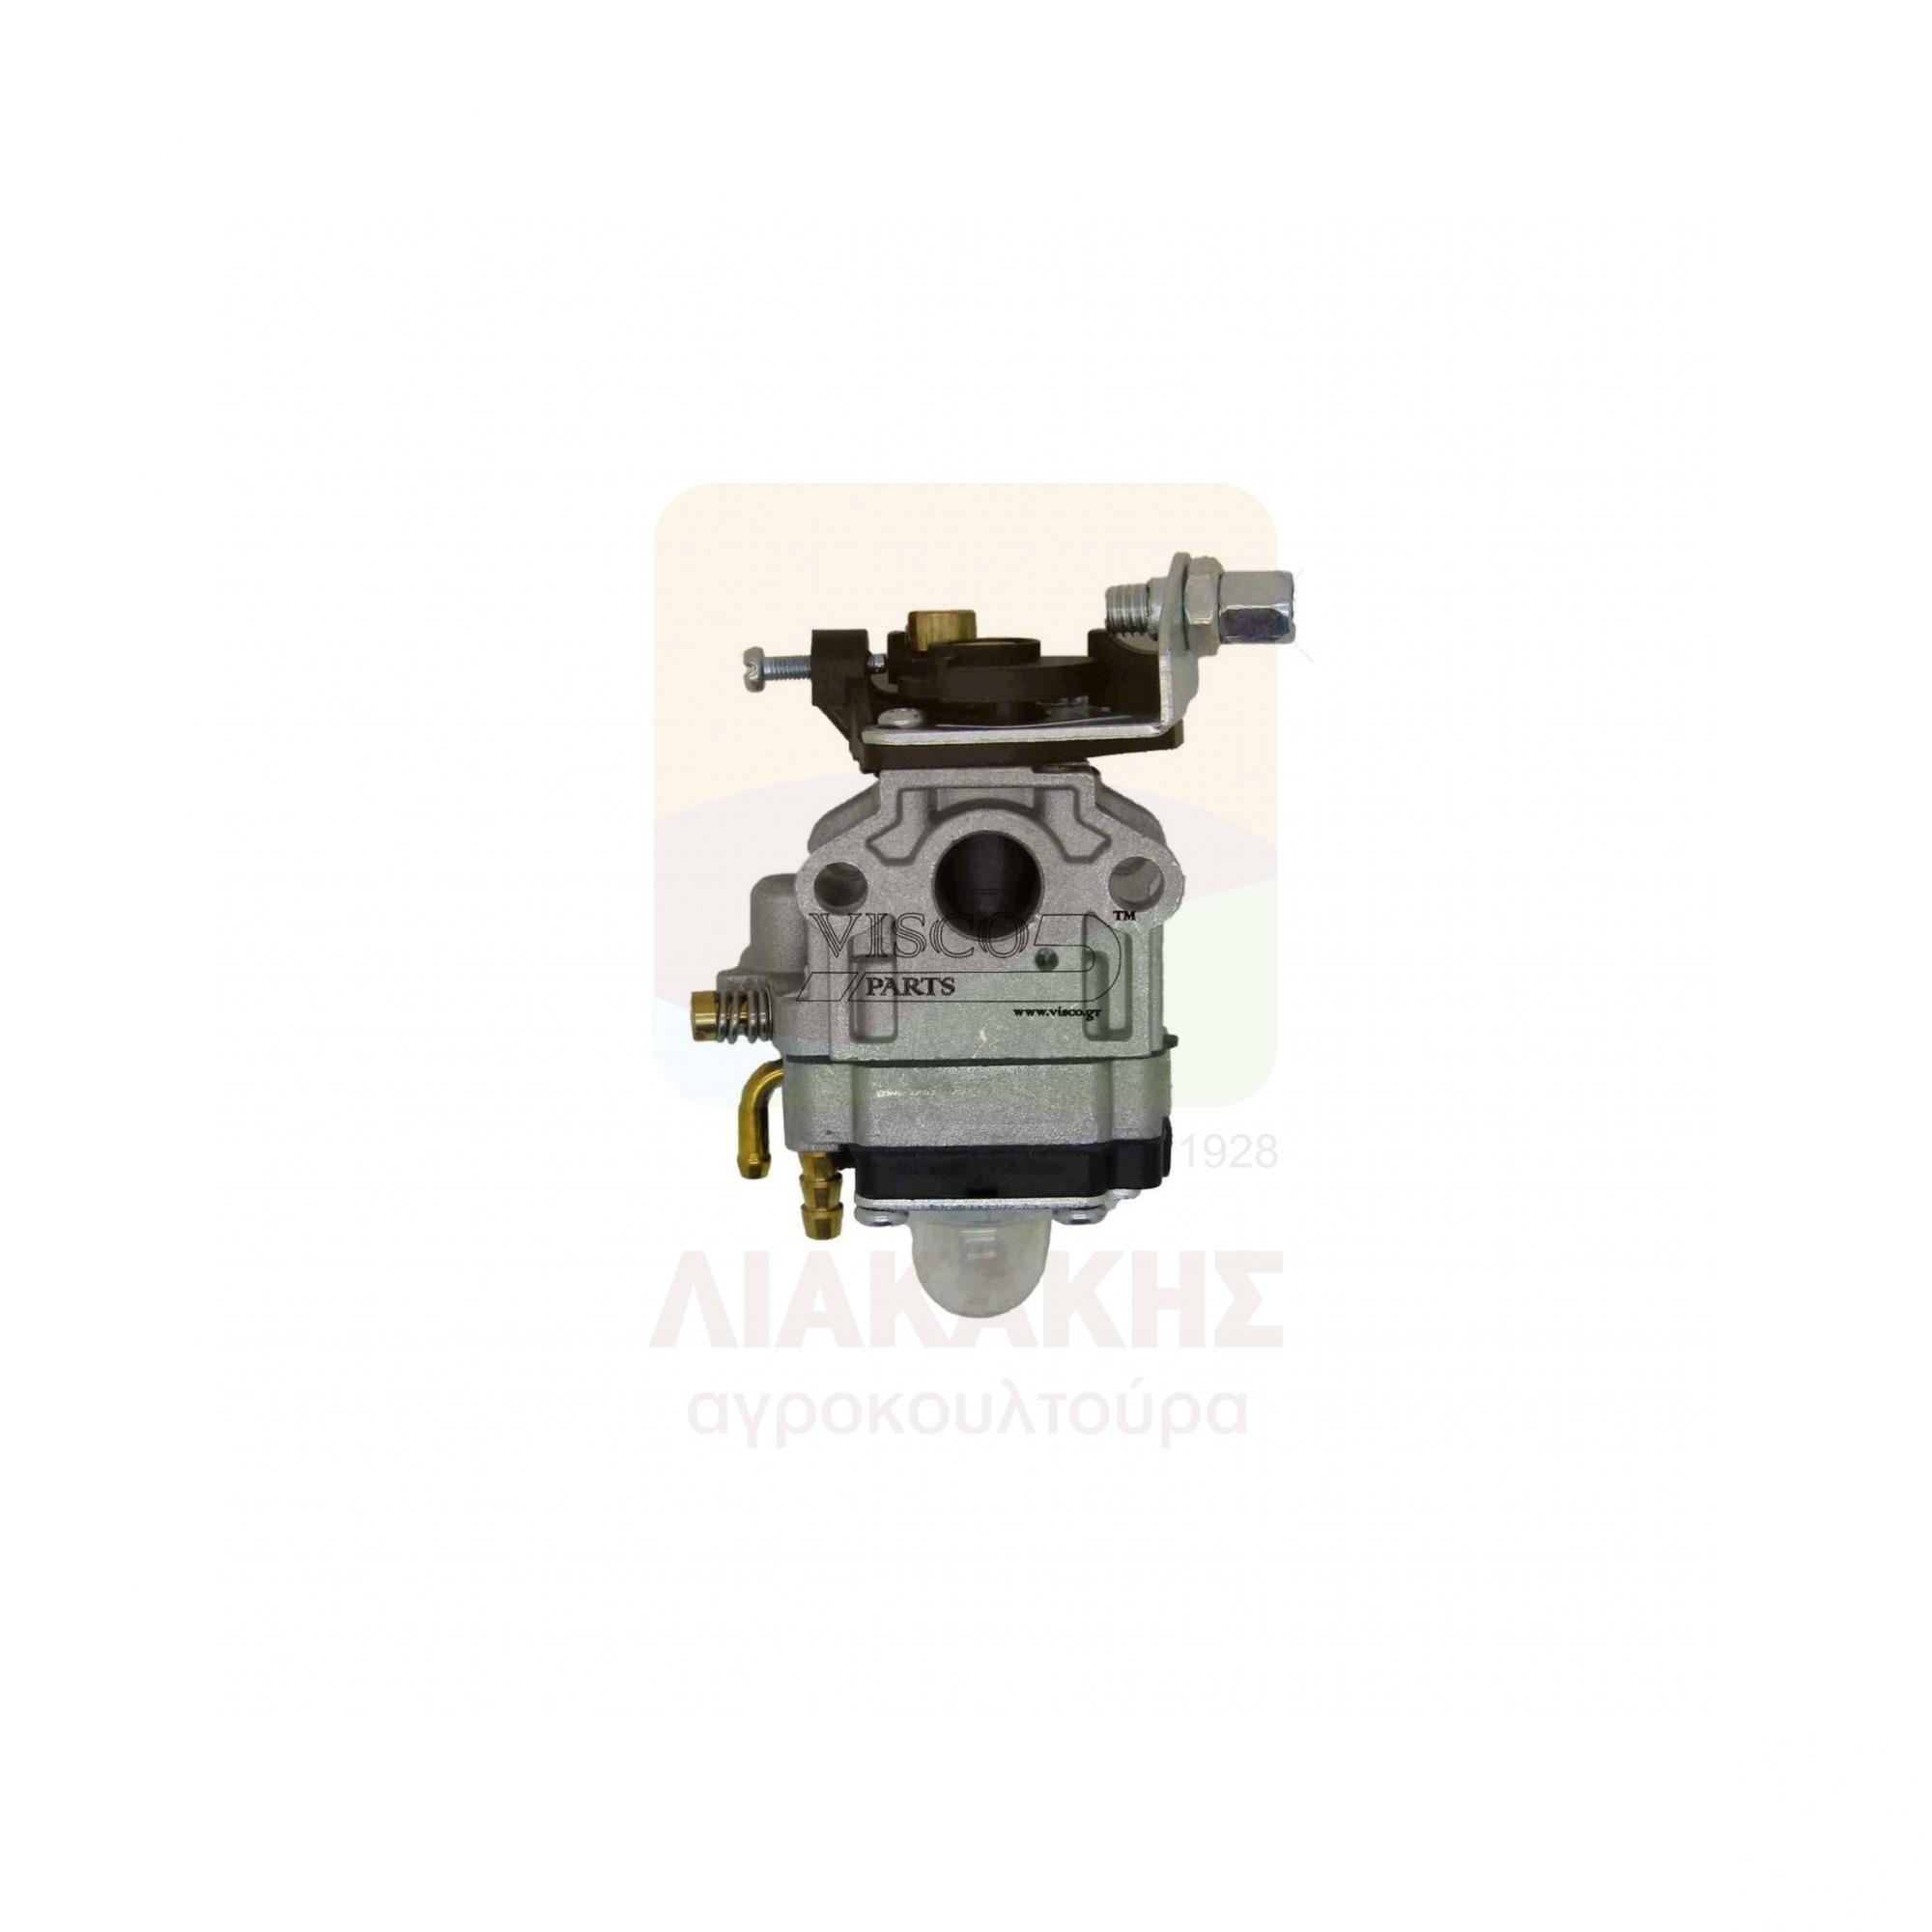 ΚΑΡ-188 Καρμπυρατέρ ECHO PPT 260-261-SHL 260-261-SRM 260-261